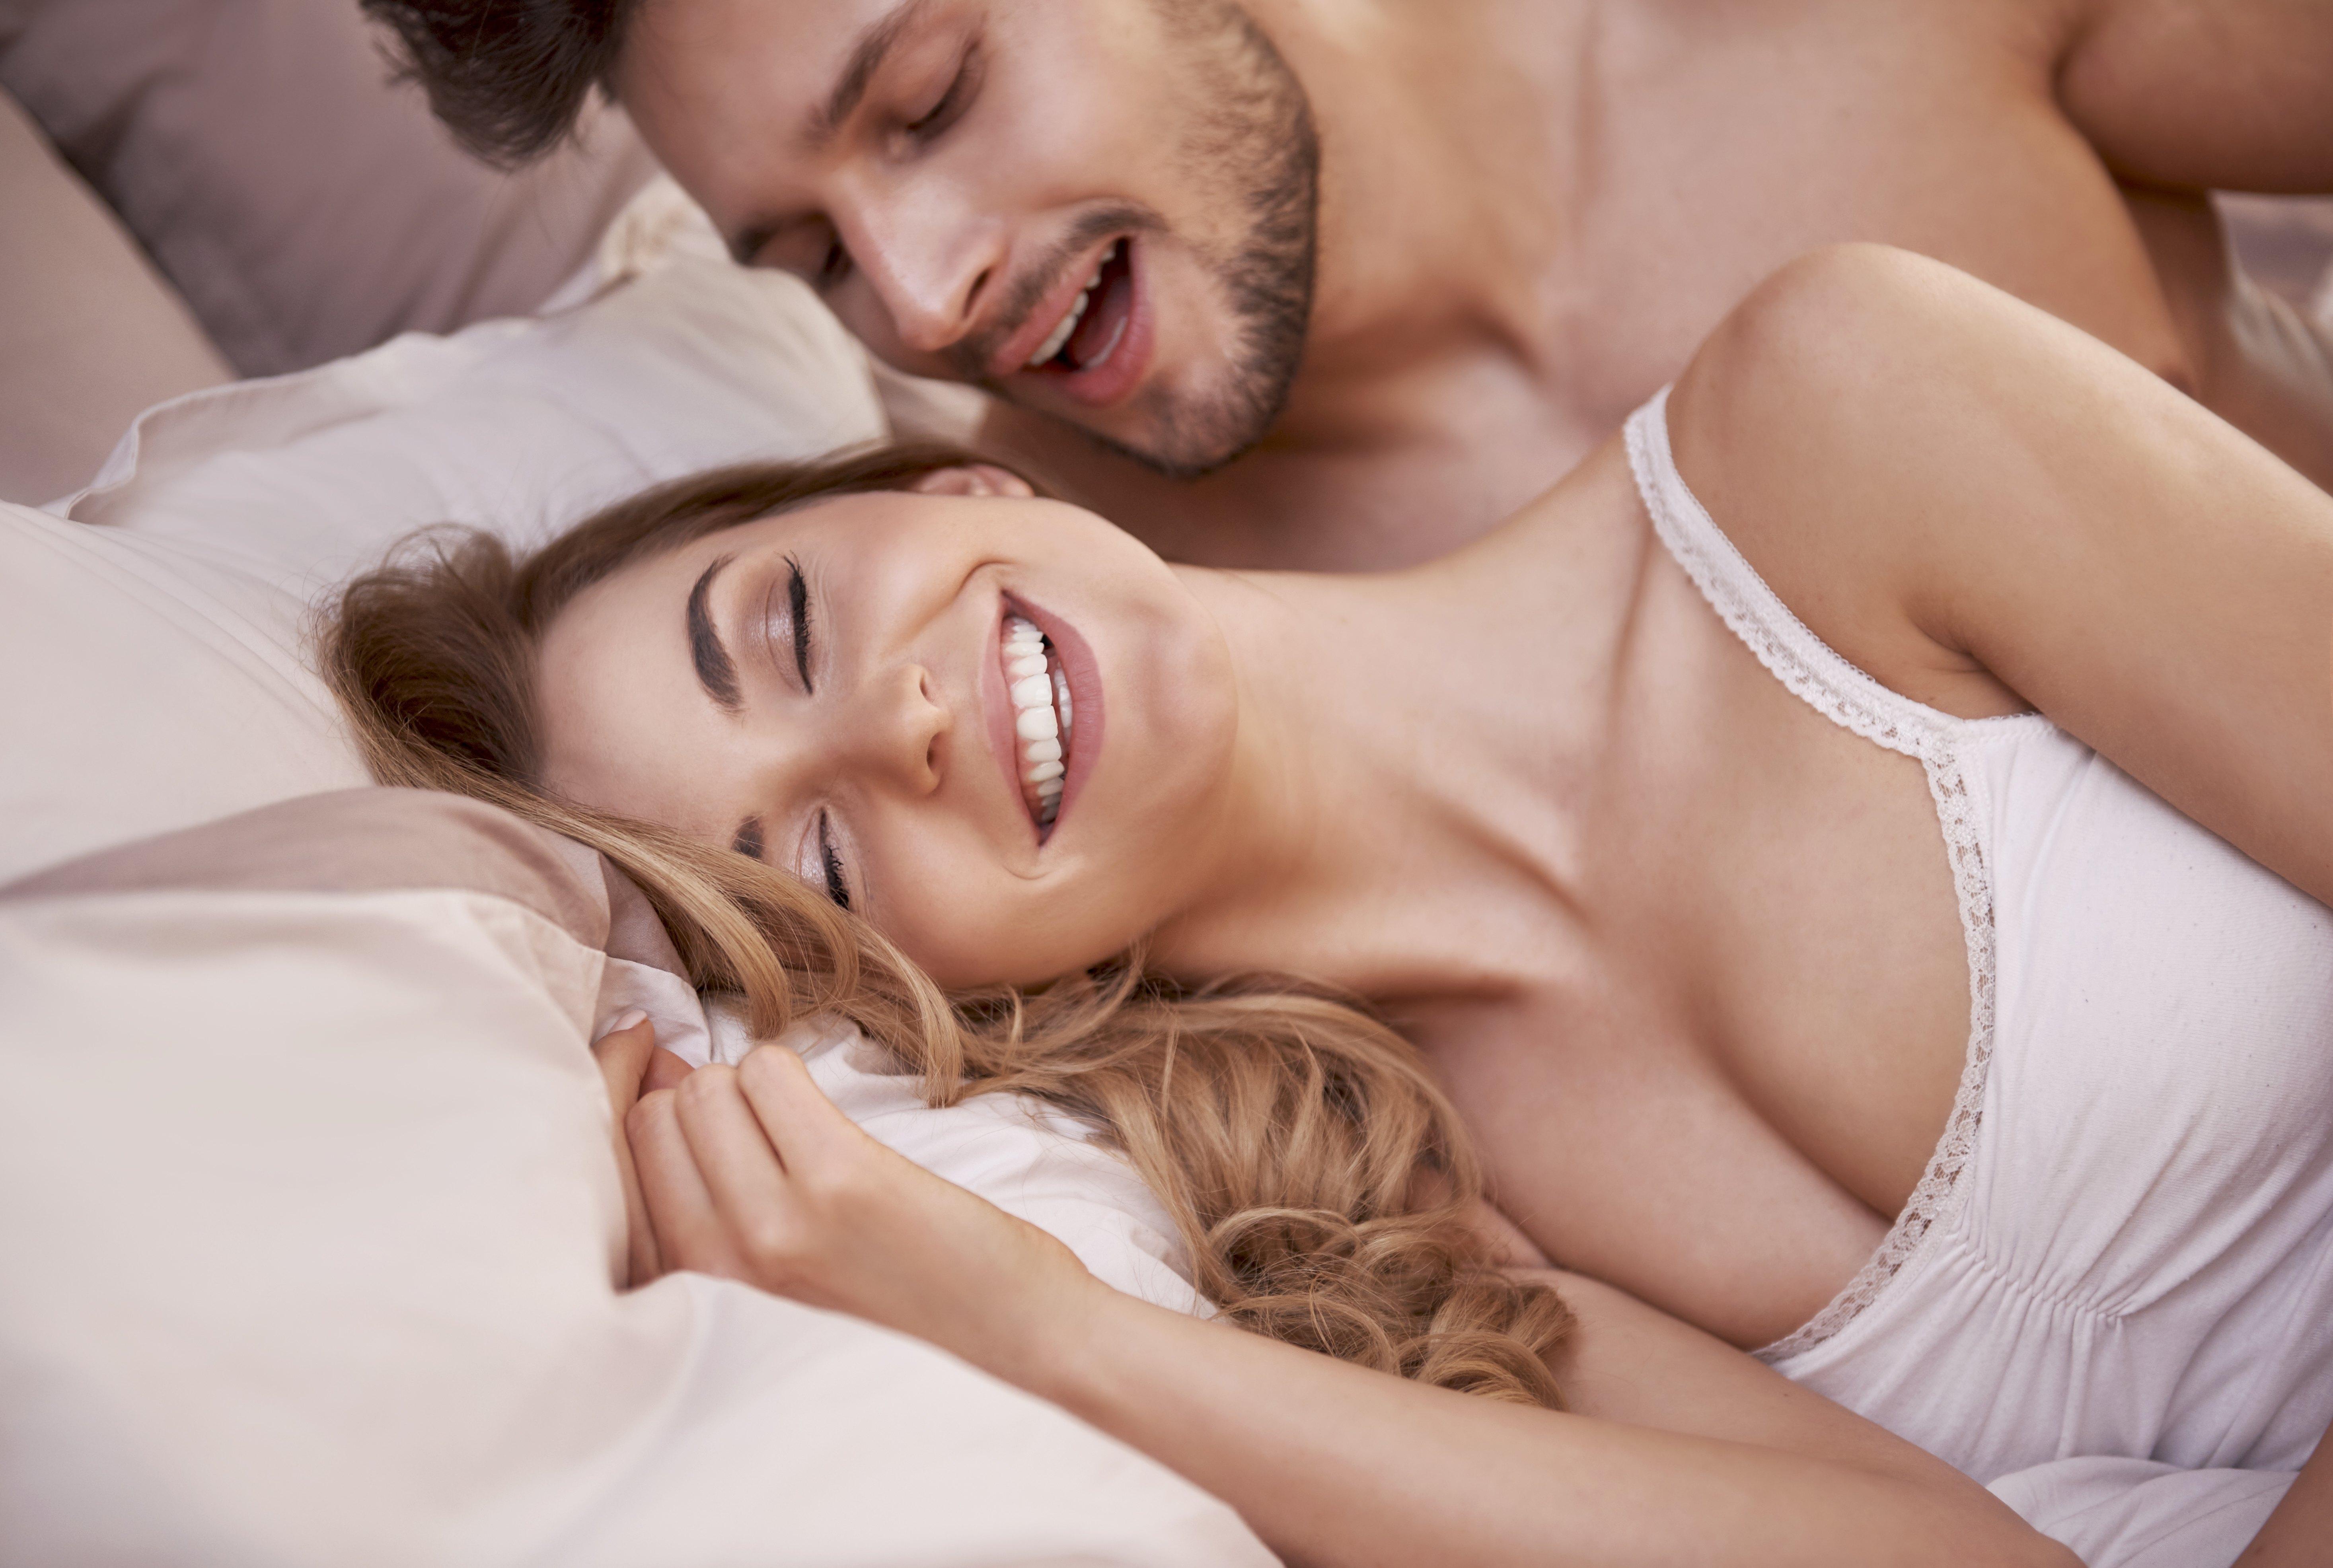 Betaald seksverlof op kantoor? Geen probleem, volgens deze Zweedse politicus